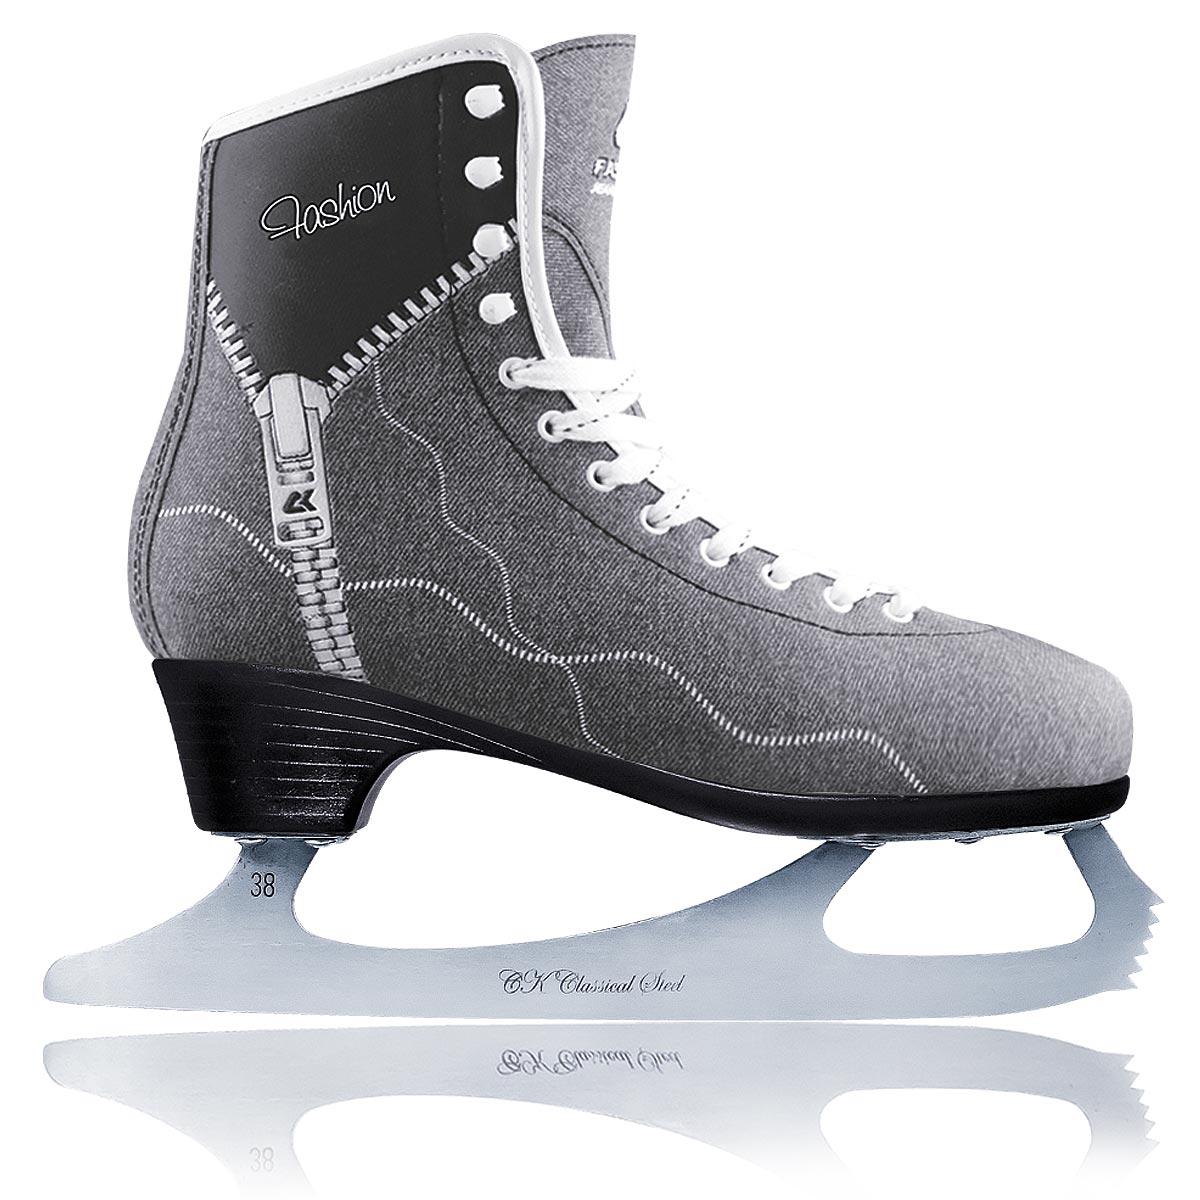 Коньки фигурные для девочки CK Fashion Lux Jeans, цвет: серый. Размер 34PW-221Фигурные коньки от CK Fashion Lux Jeans идеально подойдут для любительского катания. Модель с высокой, плотной колодкой и усиленным задником, обеспечивающим боковую поддержку ноги, выполнена из синтетического материала на виниловой основе. Внутренняя поверхность отделана искусственным мехом. Анатомический язычок из войлока идеально облегает стопу и повышает комфорт. Стелька из упругого пенного полимерного материала EVA предназначена для быстрой адаптации ботинка к индивидуальным формам ноги и ее комфортного положения. Ботинок обеспечивает комфорт и устойчивость ноги, правильное распределение нагрузки, сильно снижает травмоопасность. Ботинок полностью обволакивает ногу, обеспечивает прочную и удобную фиксацию ноги, а также повышенную защиту от ударов. Модель фиксируется на ноге классической шнуровкой. Лезвие выполнено из нержавеющей стали, оно обладает высокой твердостью и долго держит заточку. Подошва Graceful обладает элегантным дизайном, повышенной твердостью и пониженным весом. Более высокий каблук делает ногу более изящной и стройной, а также повышает управляемость и маневренность конька.